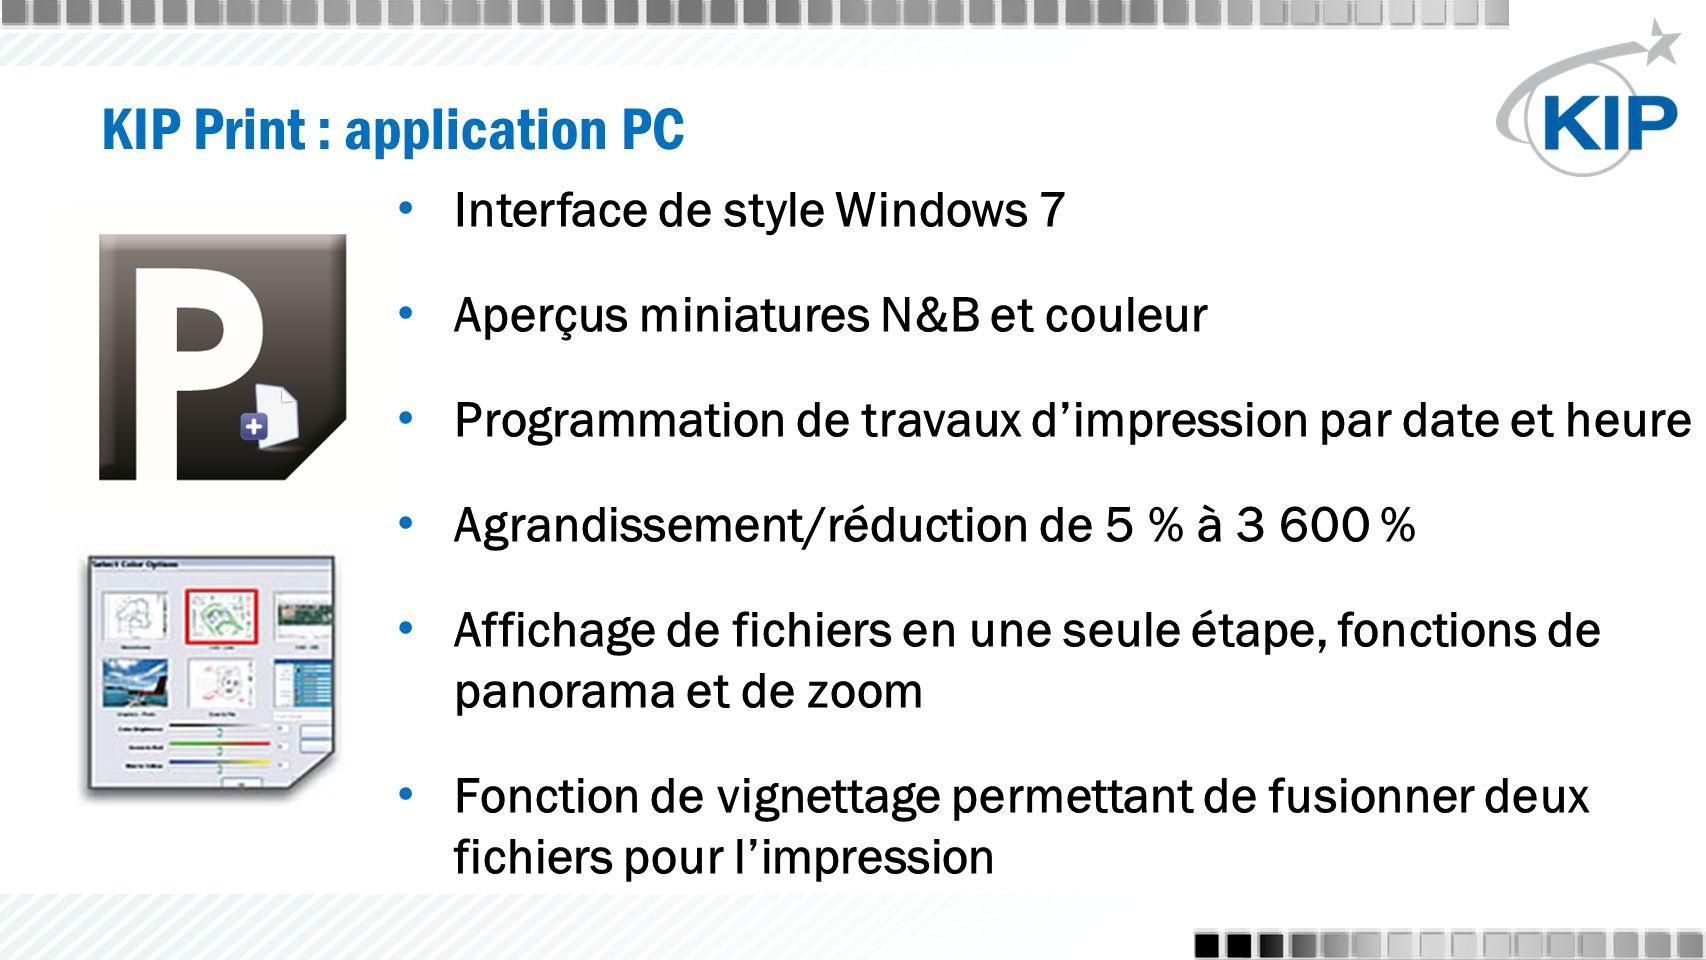 Interface de style Windows 7 Aperçus miniatures N&B et couleur Programmation de travaux d'impression par date et heure Agrandissement/réduction de 5 % à 3 600 % Affichage de fichiers en une seule étape, fonctions de panorama et de zoom Fonction de vignettage permettant de fusionner deux fichiers pour l'impression